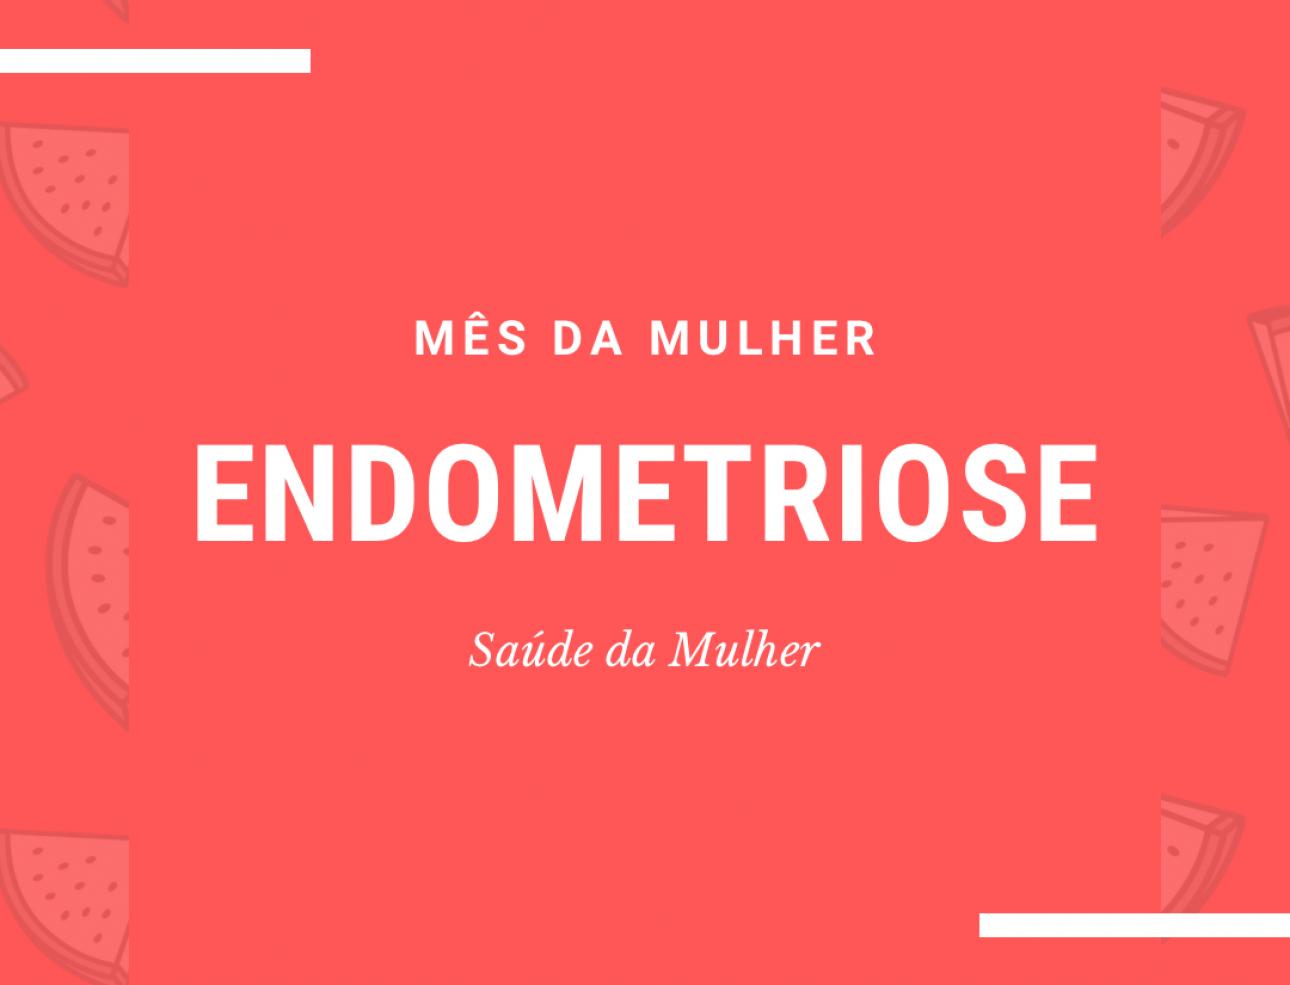 mês da mulher endometriose